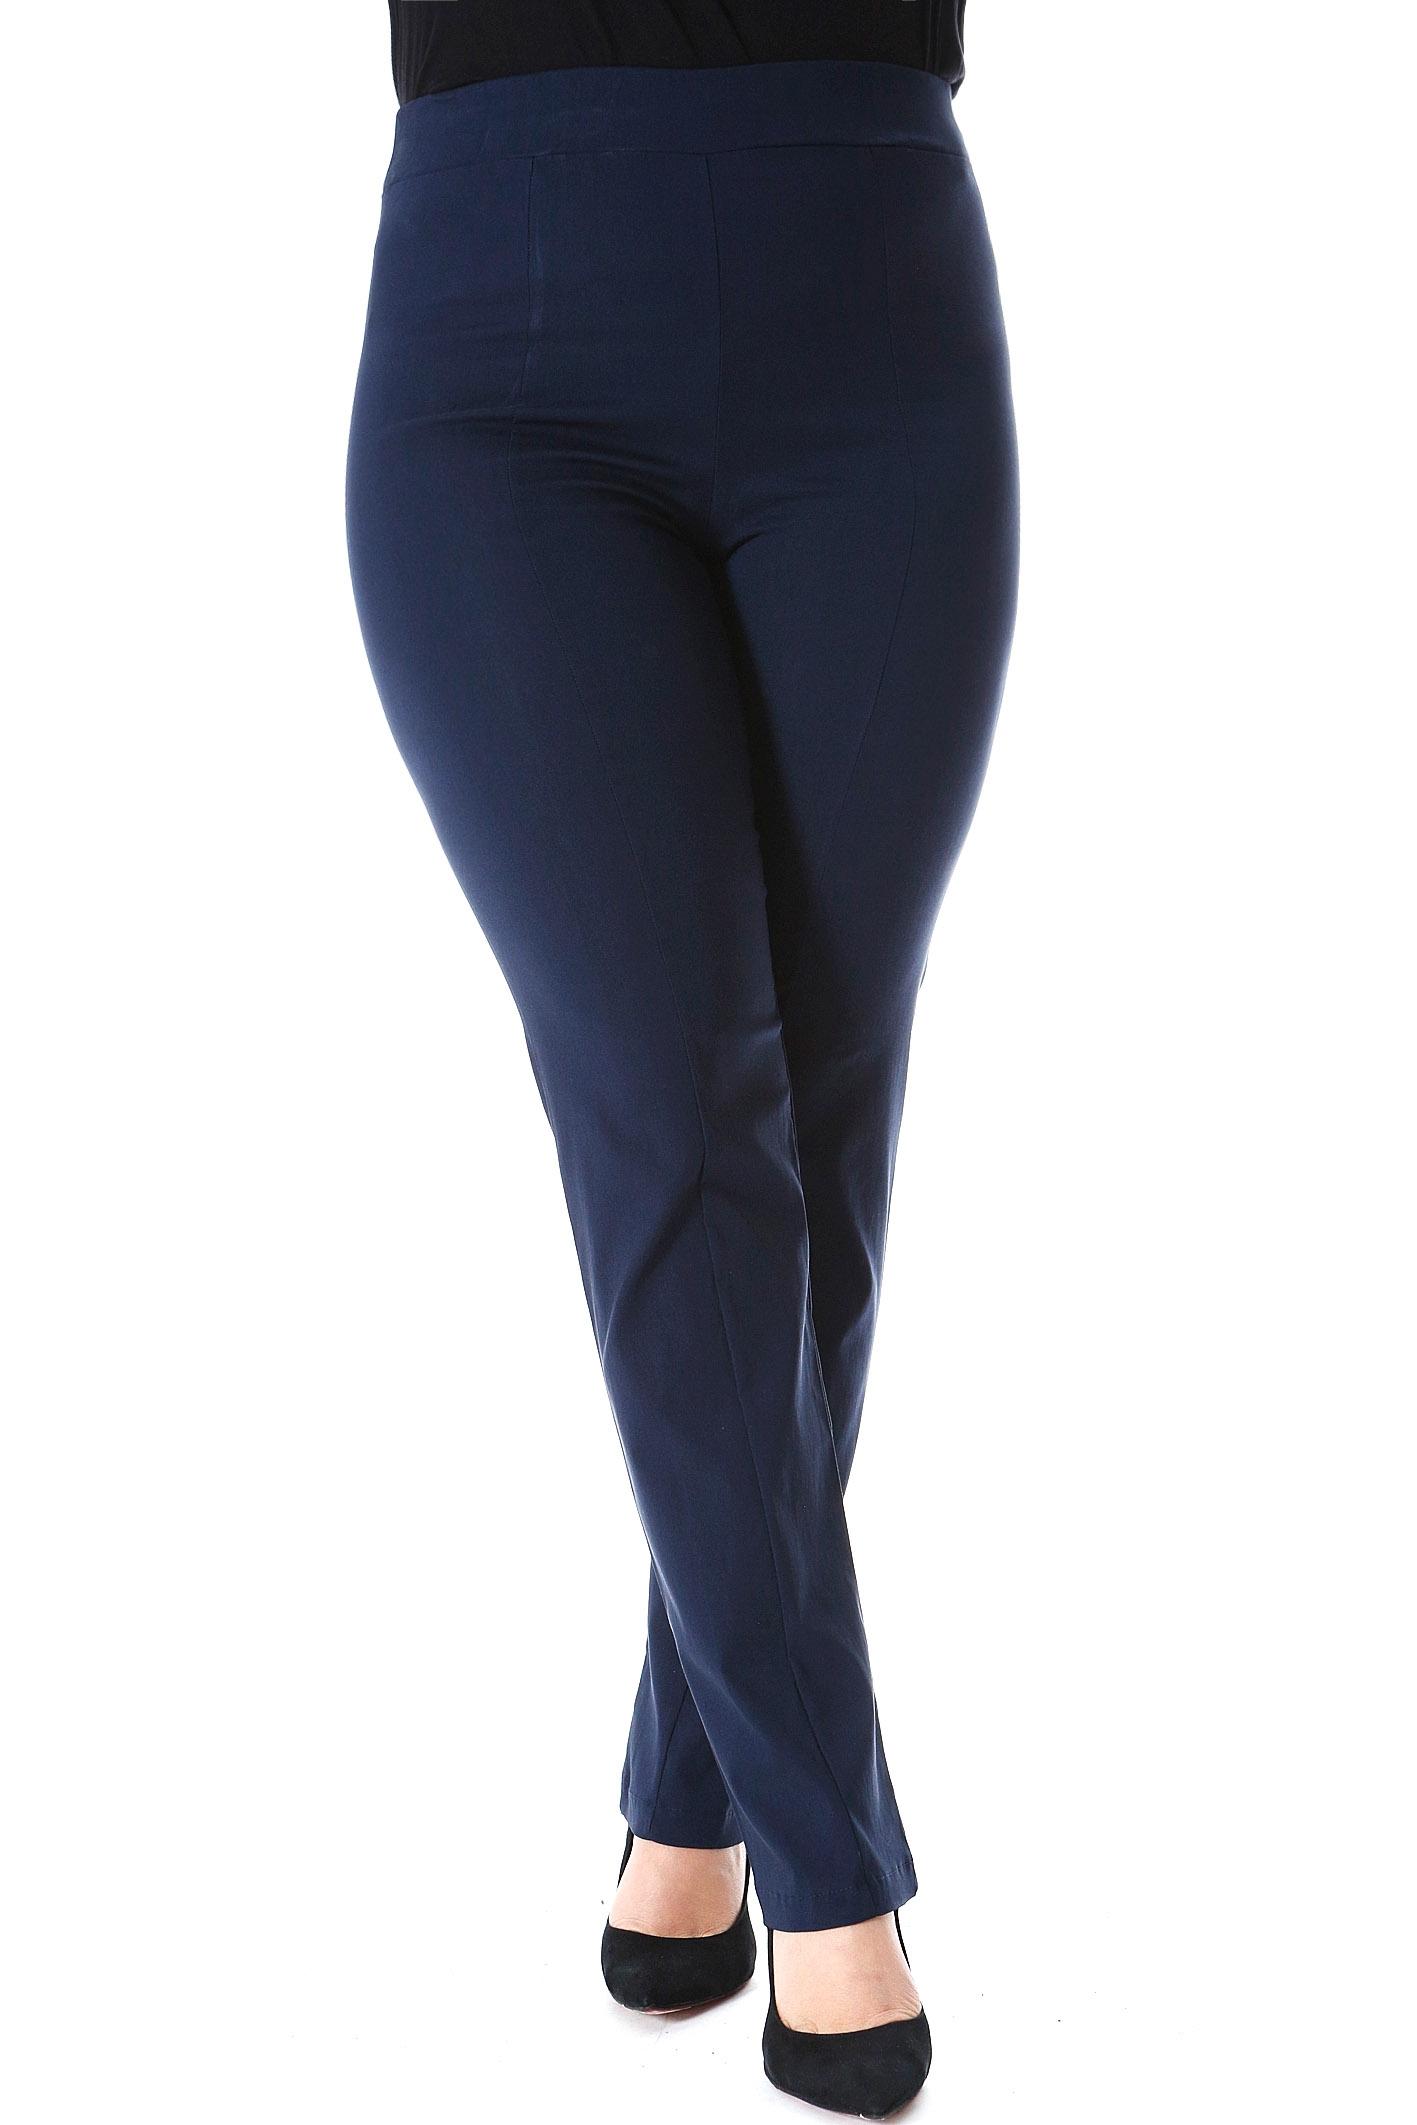 Παντελόνι γκρο μπλε νέες αφίξεις   ενδύματα   παντελόνια   κολάν   sunrose